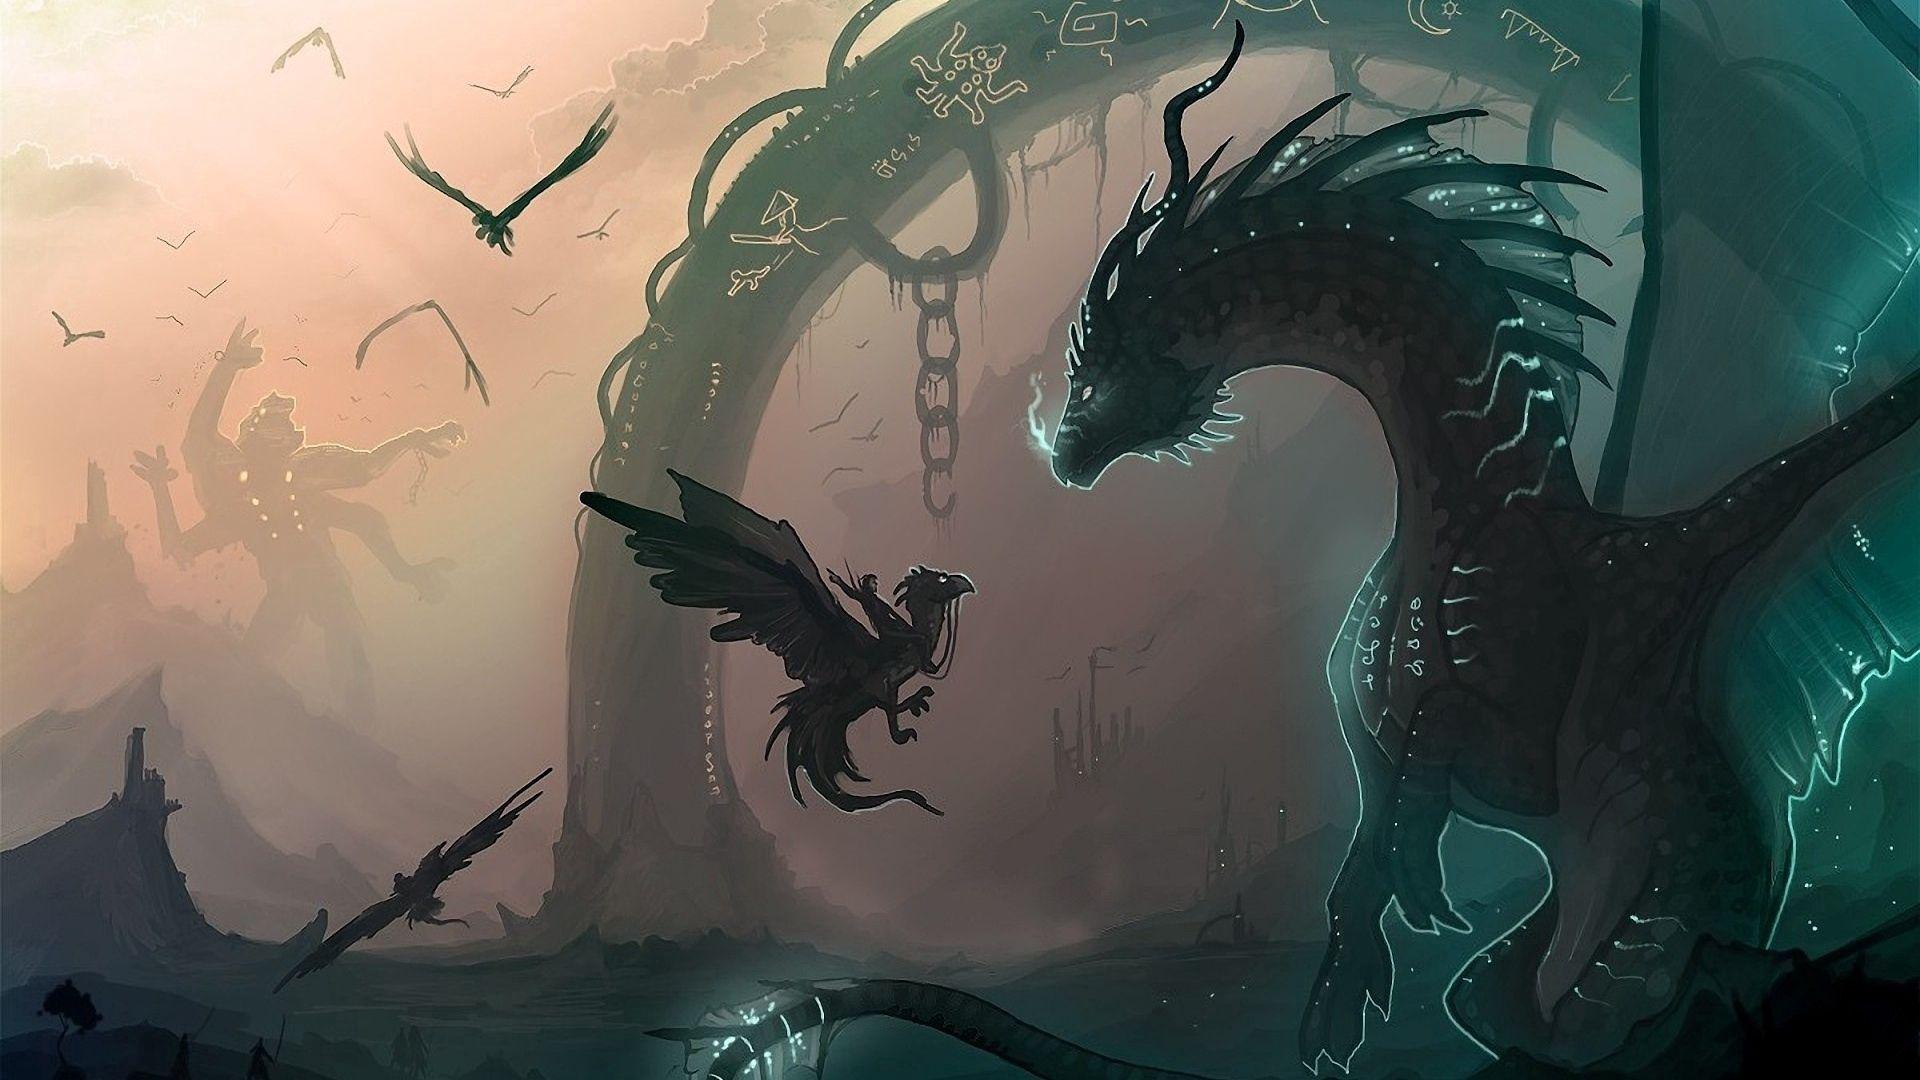 135468 Hintergrundbild herunterladen Drachen, Vögel, Fantasie, Junge, Der Drache, Joey, Kette - Bildschirmschoner und Bilder kostenlos